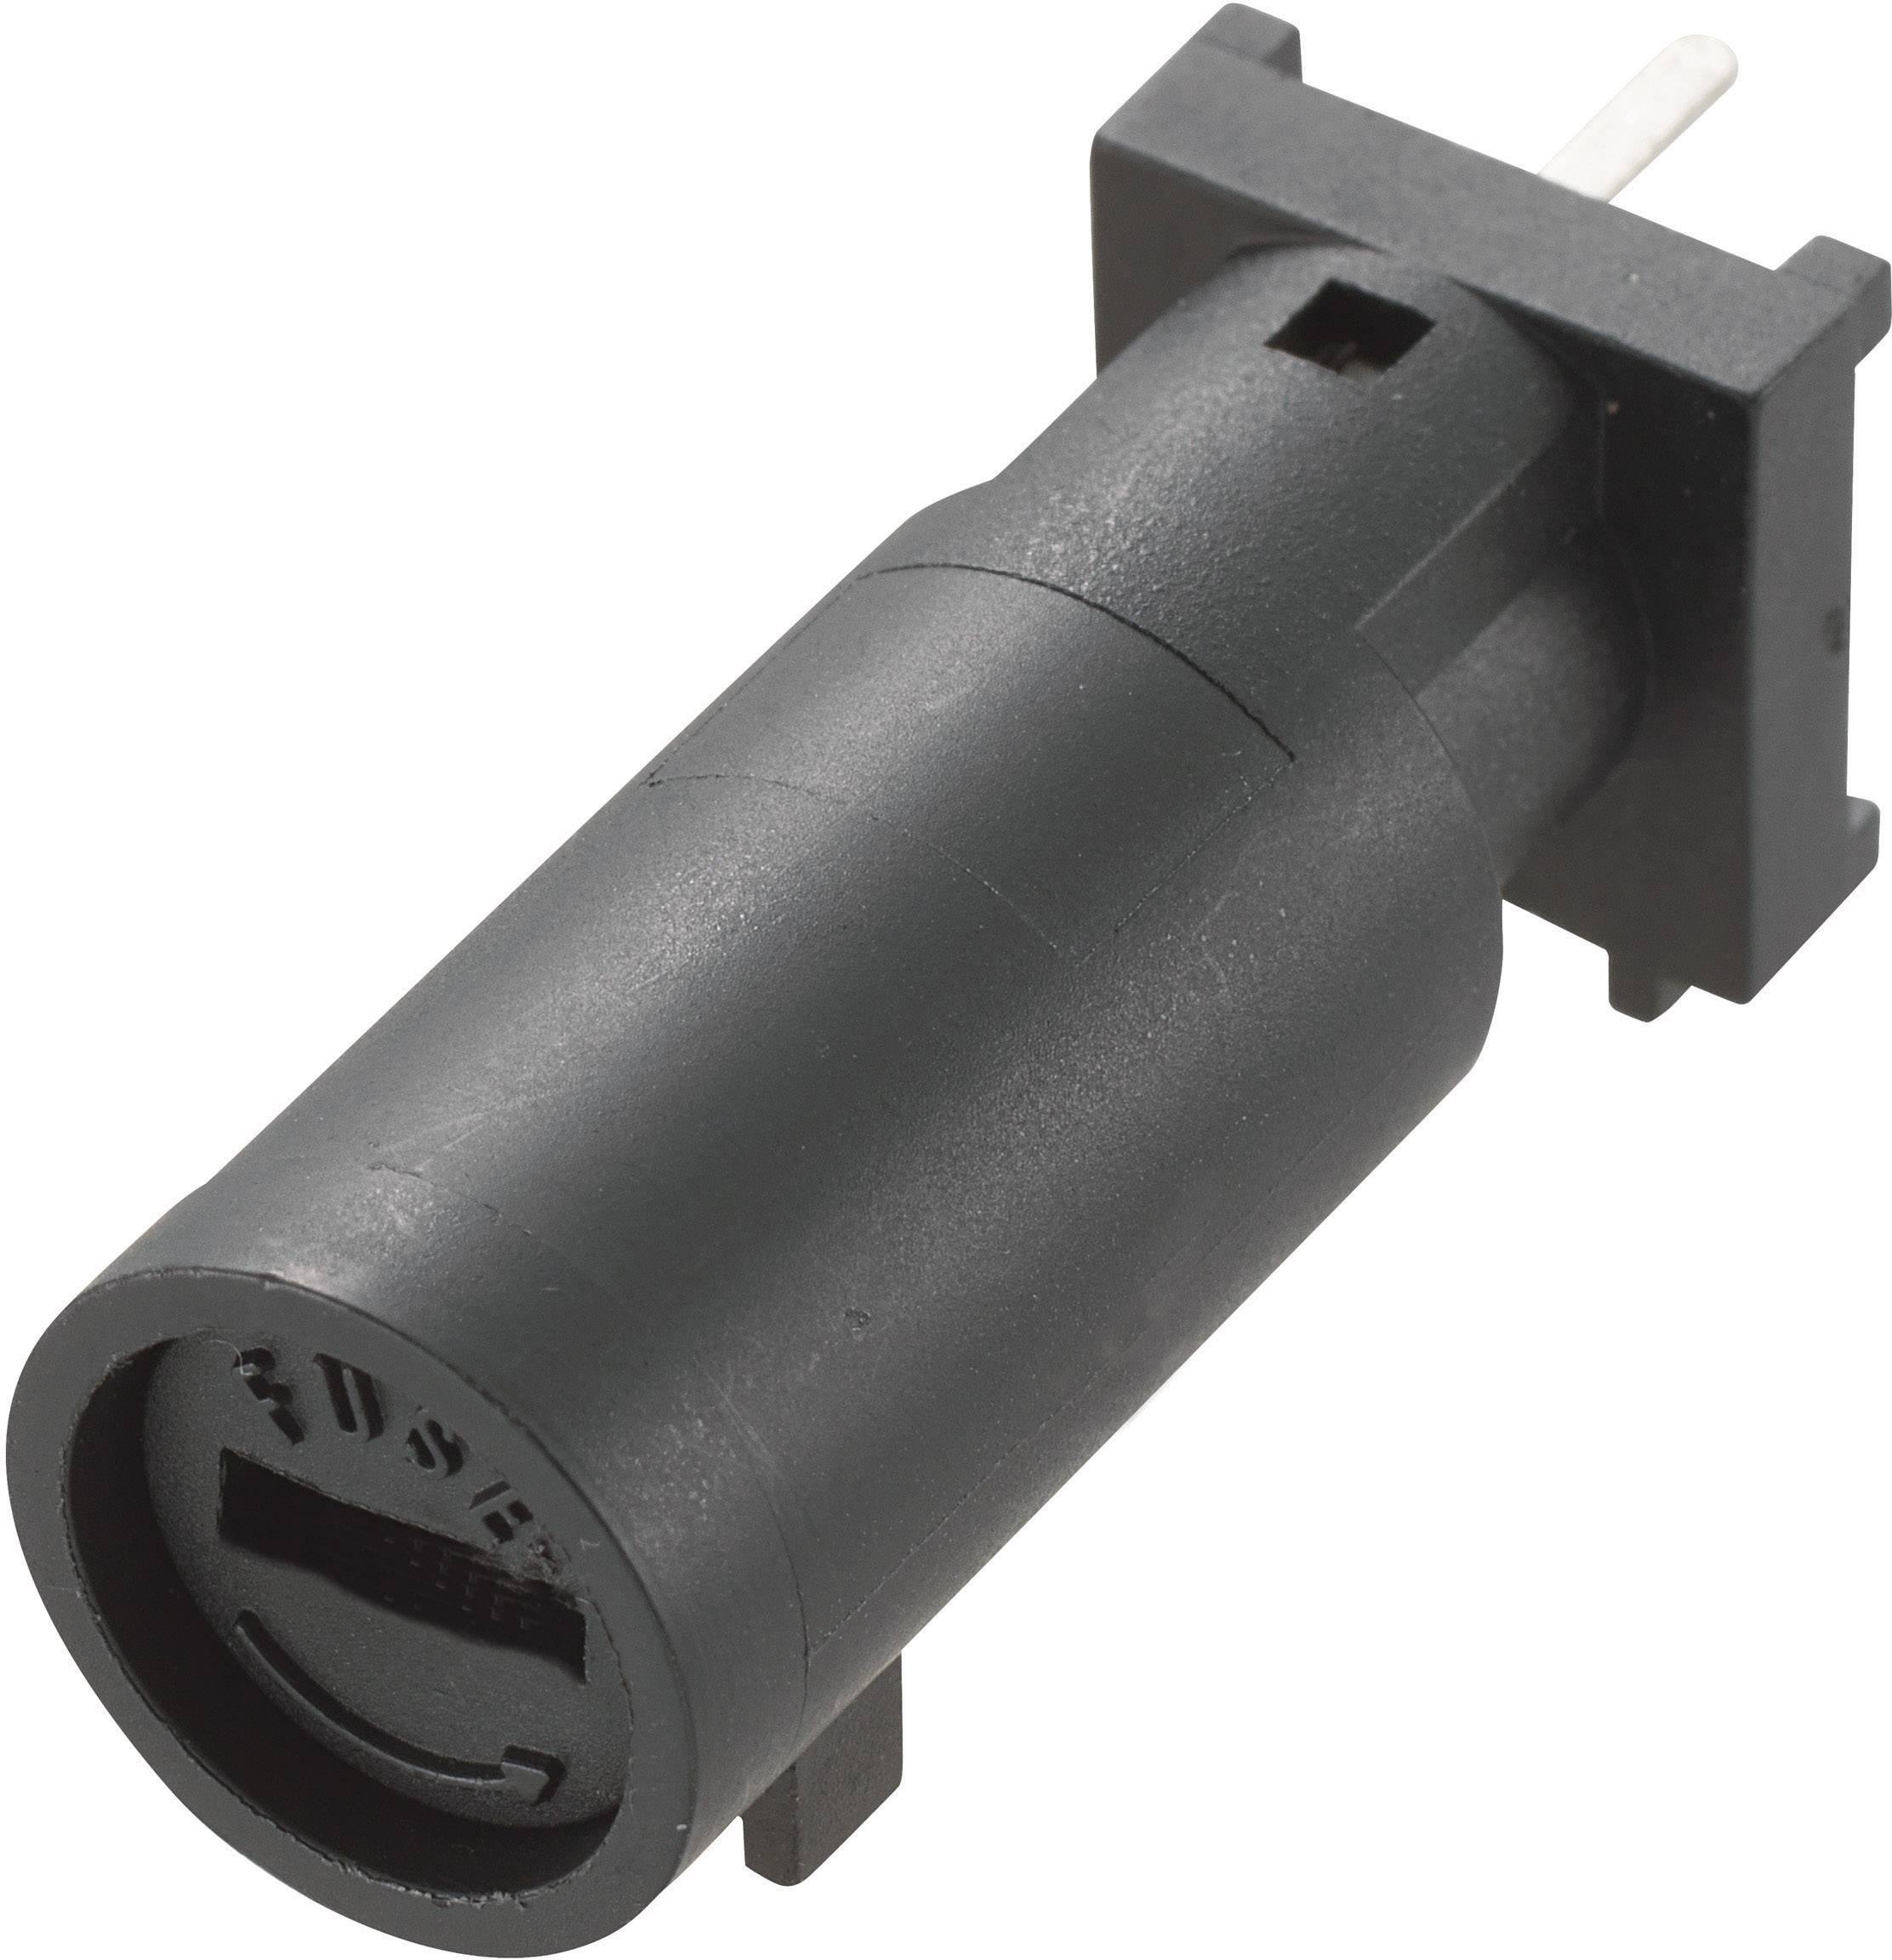 Držiak poistky TRU COMPONENTS MF-561 701752, Vhodné pre poistky 5 x 20 mm, 10 A, 250 V/AC, 1 ks